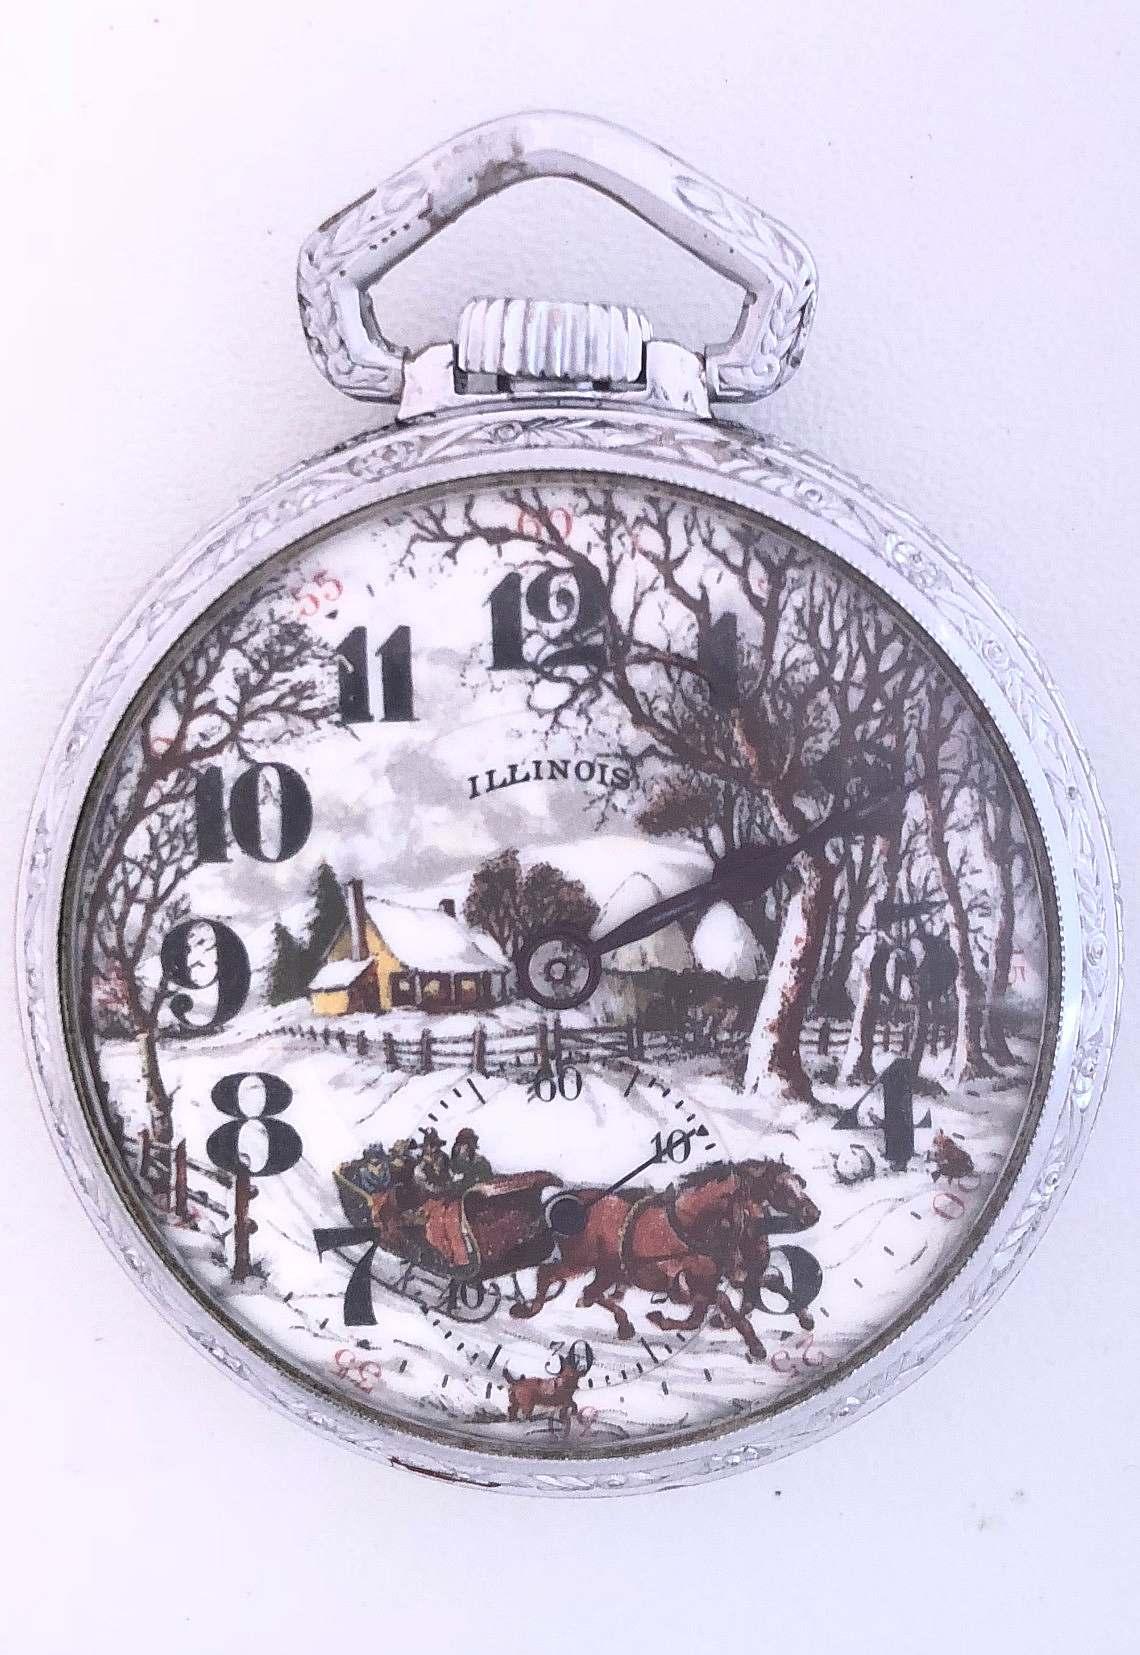 77b23d785 Reloj lepine de la firma americana ILLINOIS WATCH Co. con esfera en  multitud de esmaltes ilustrando un paisaje rural de invierno.